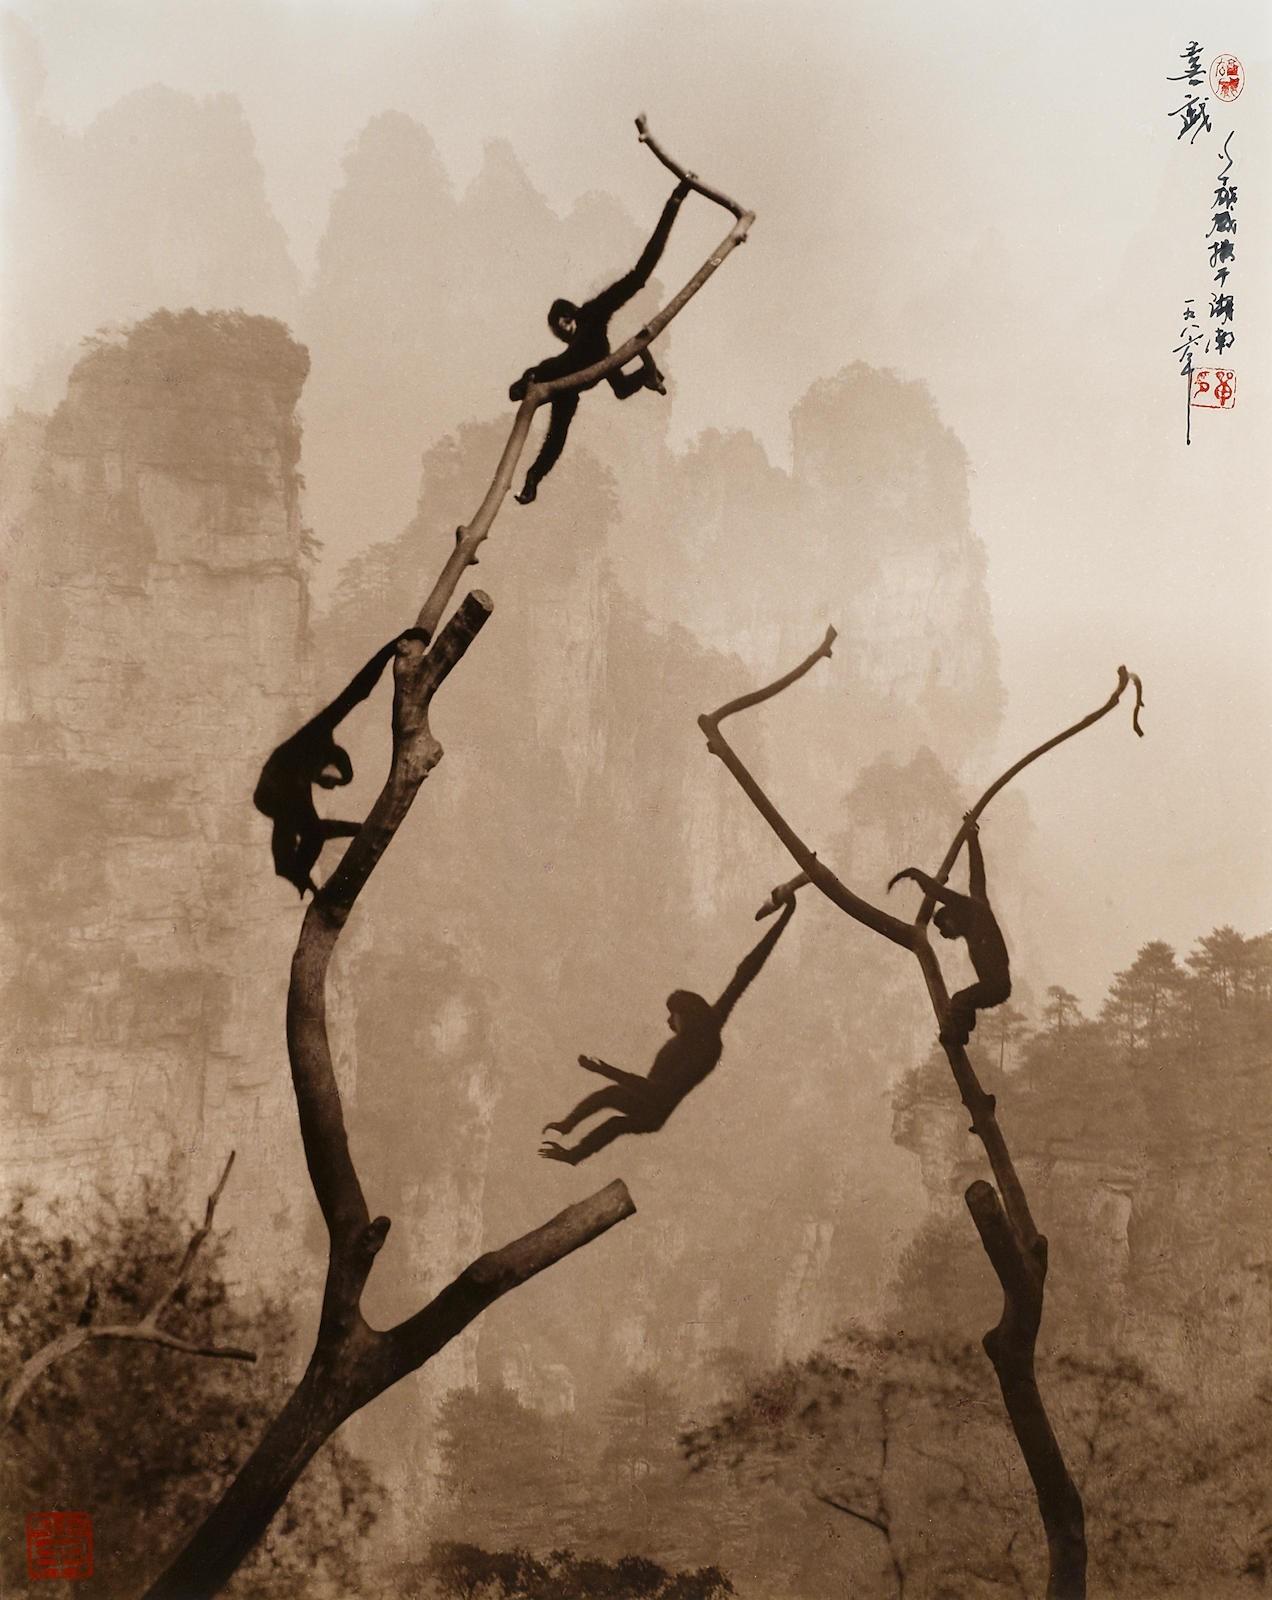 Игривые гиббоны в горах Тяньцзи, 1986. Автор Дон Хонг-Оай